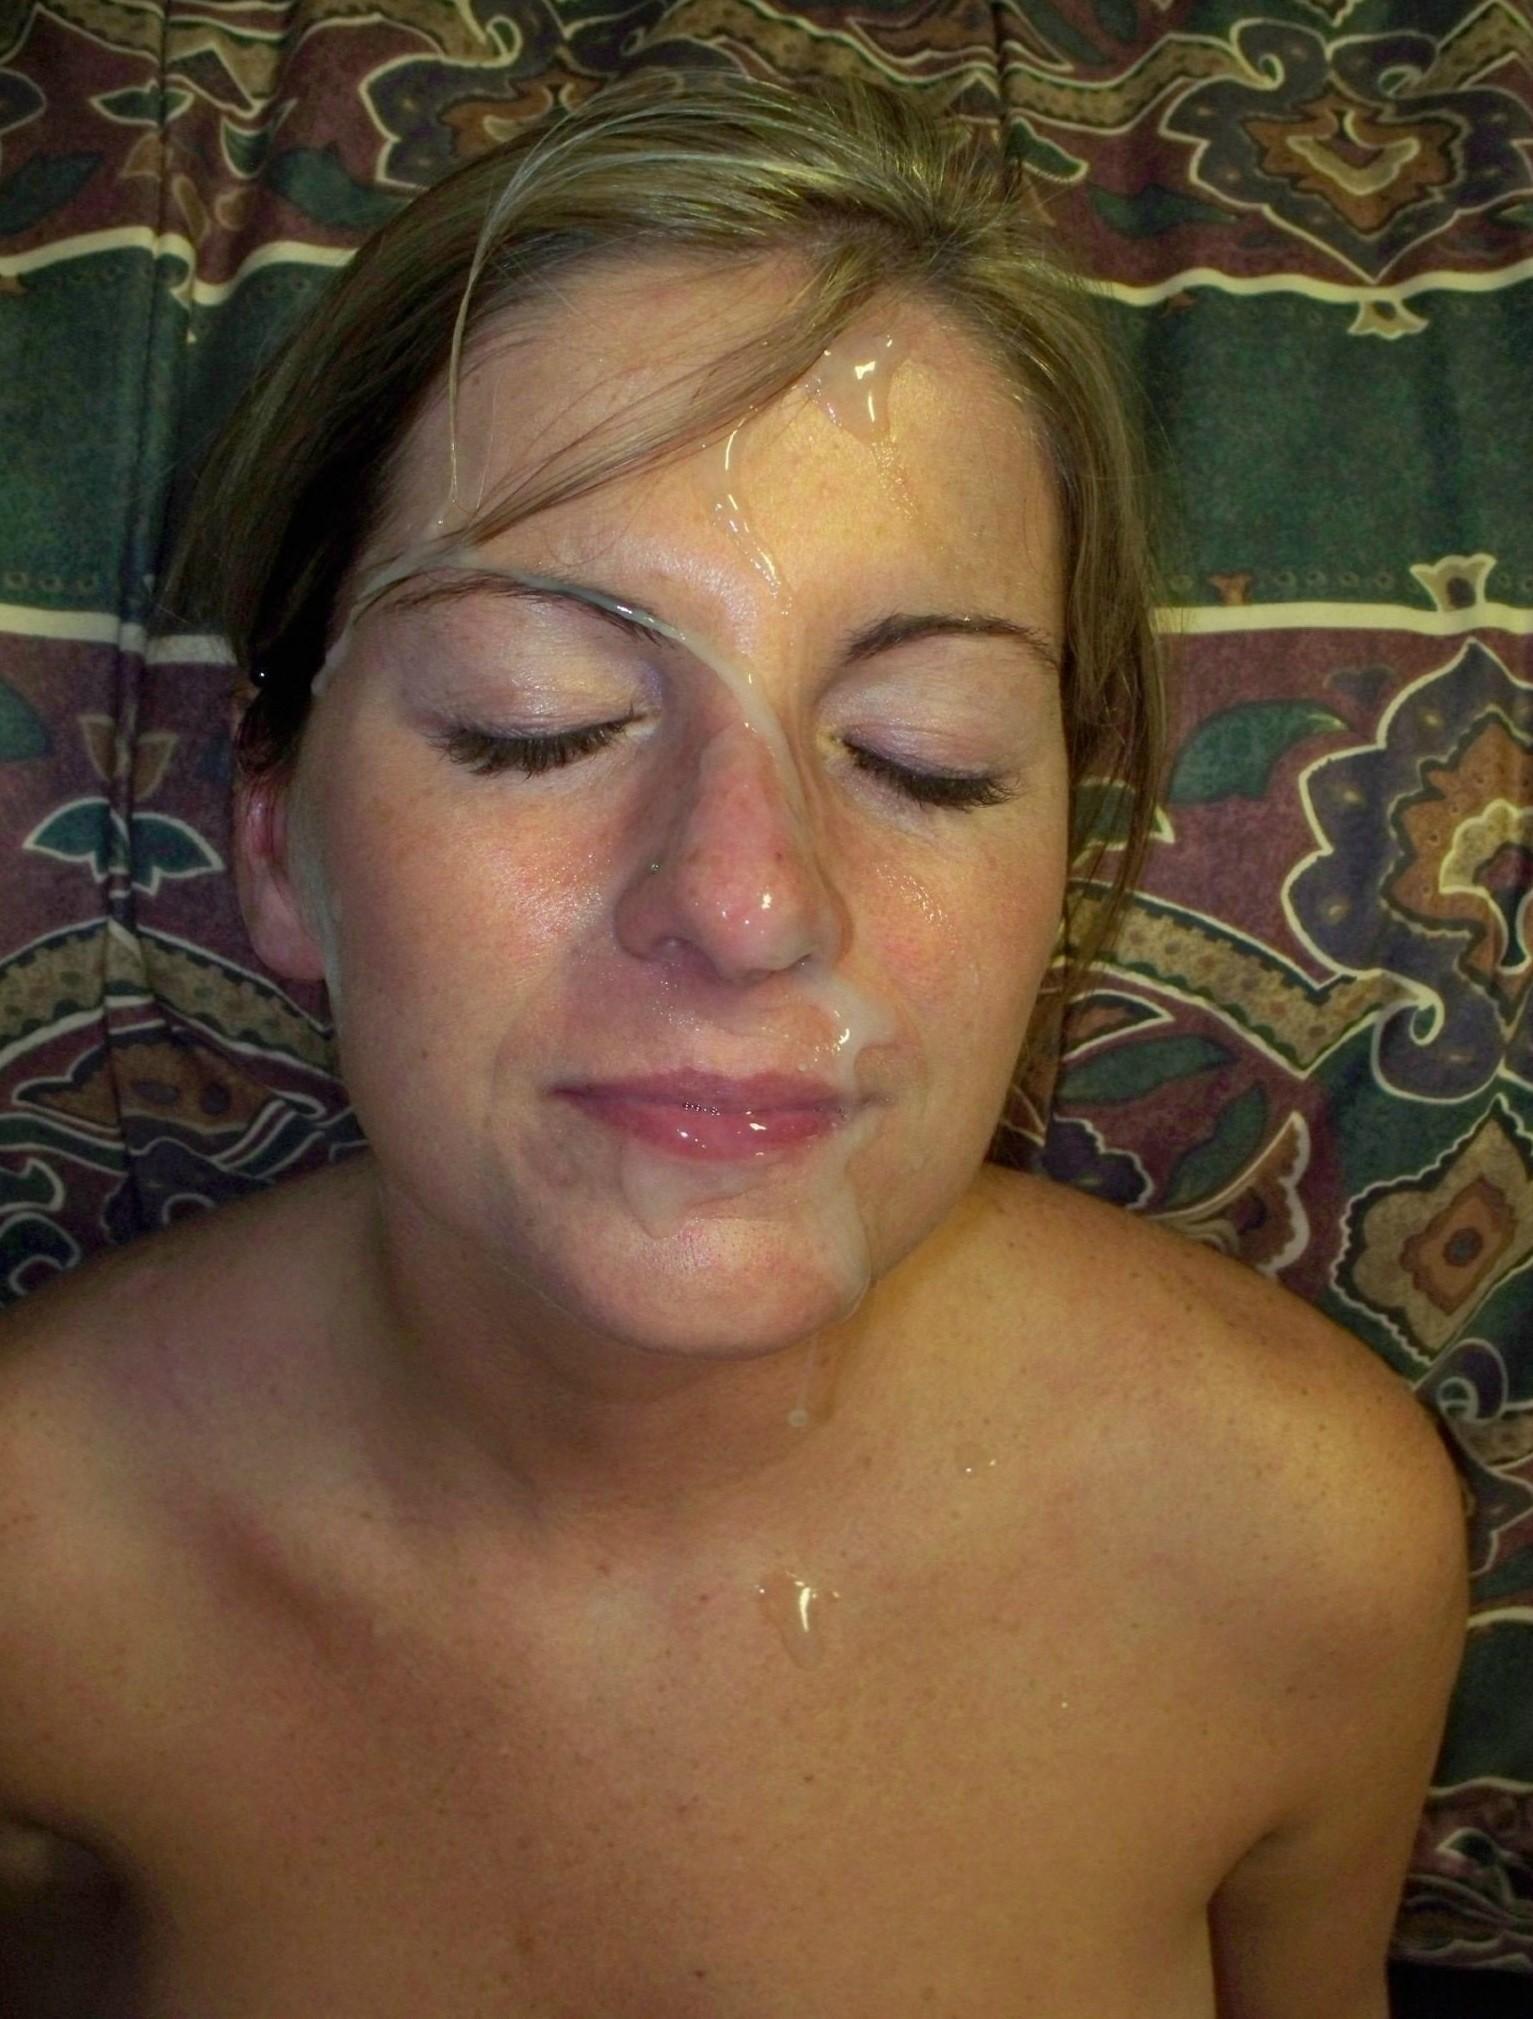 Подборка девиц со спермой на лице или теле 12 фото